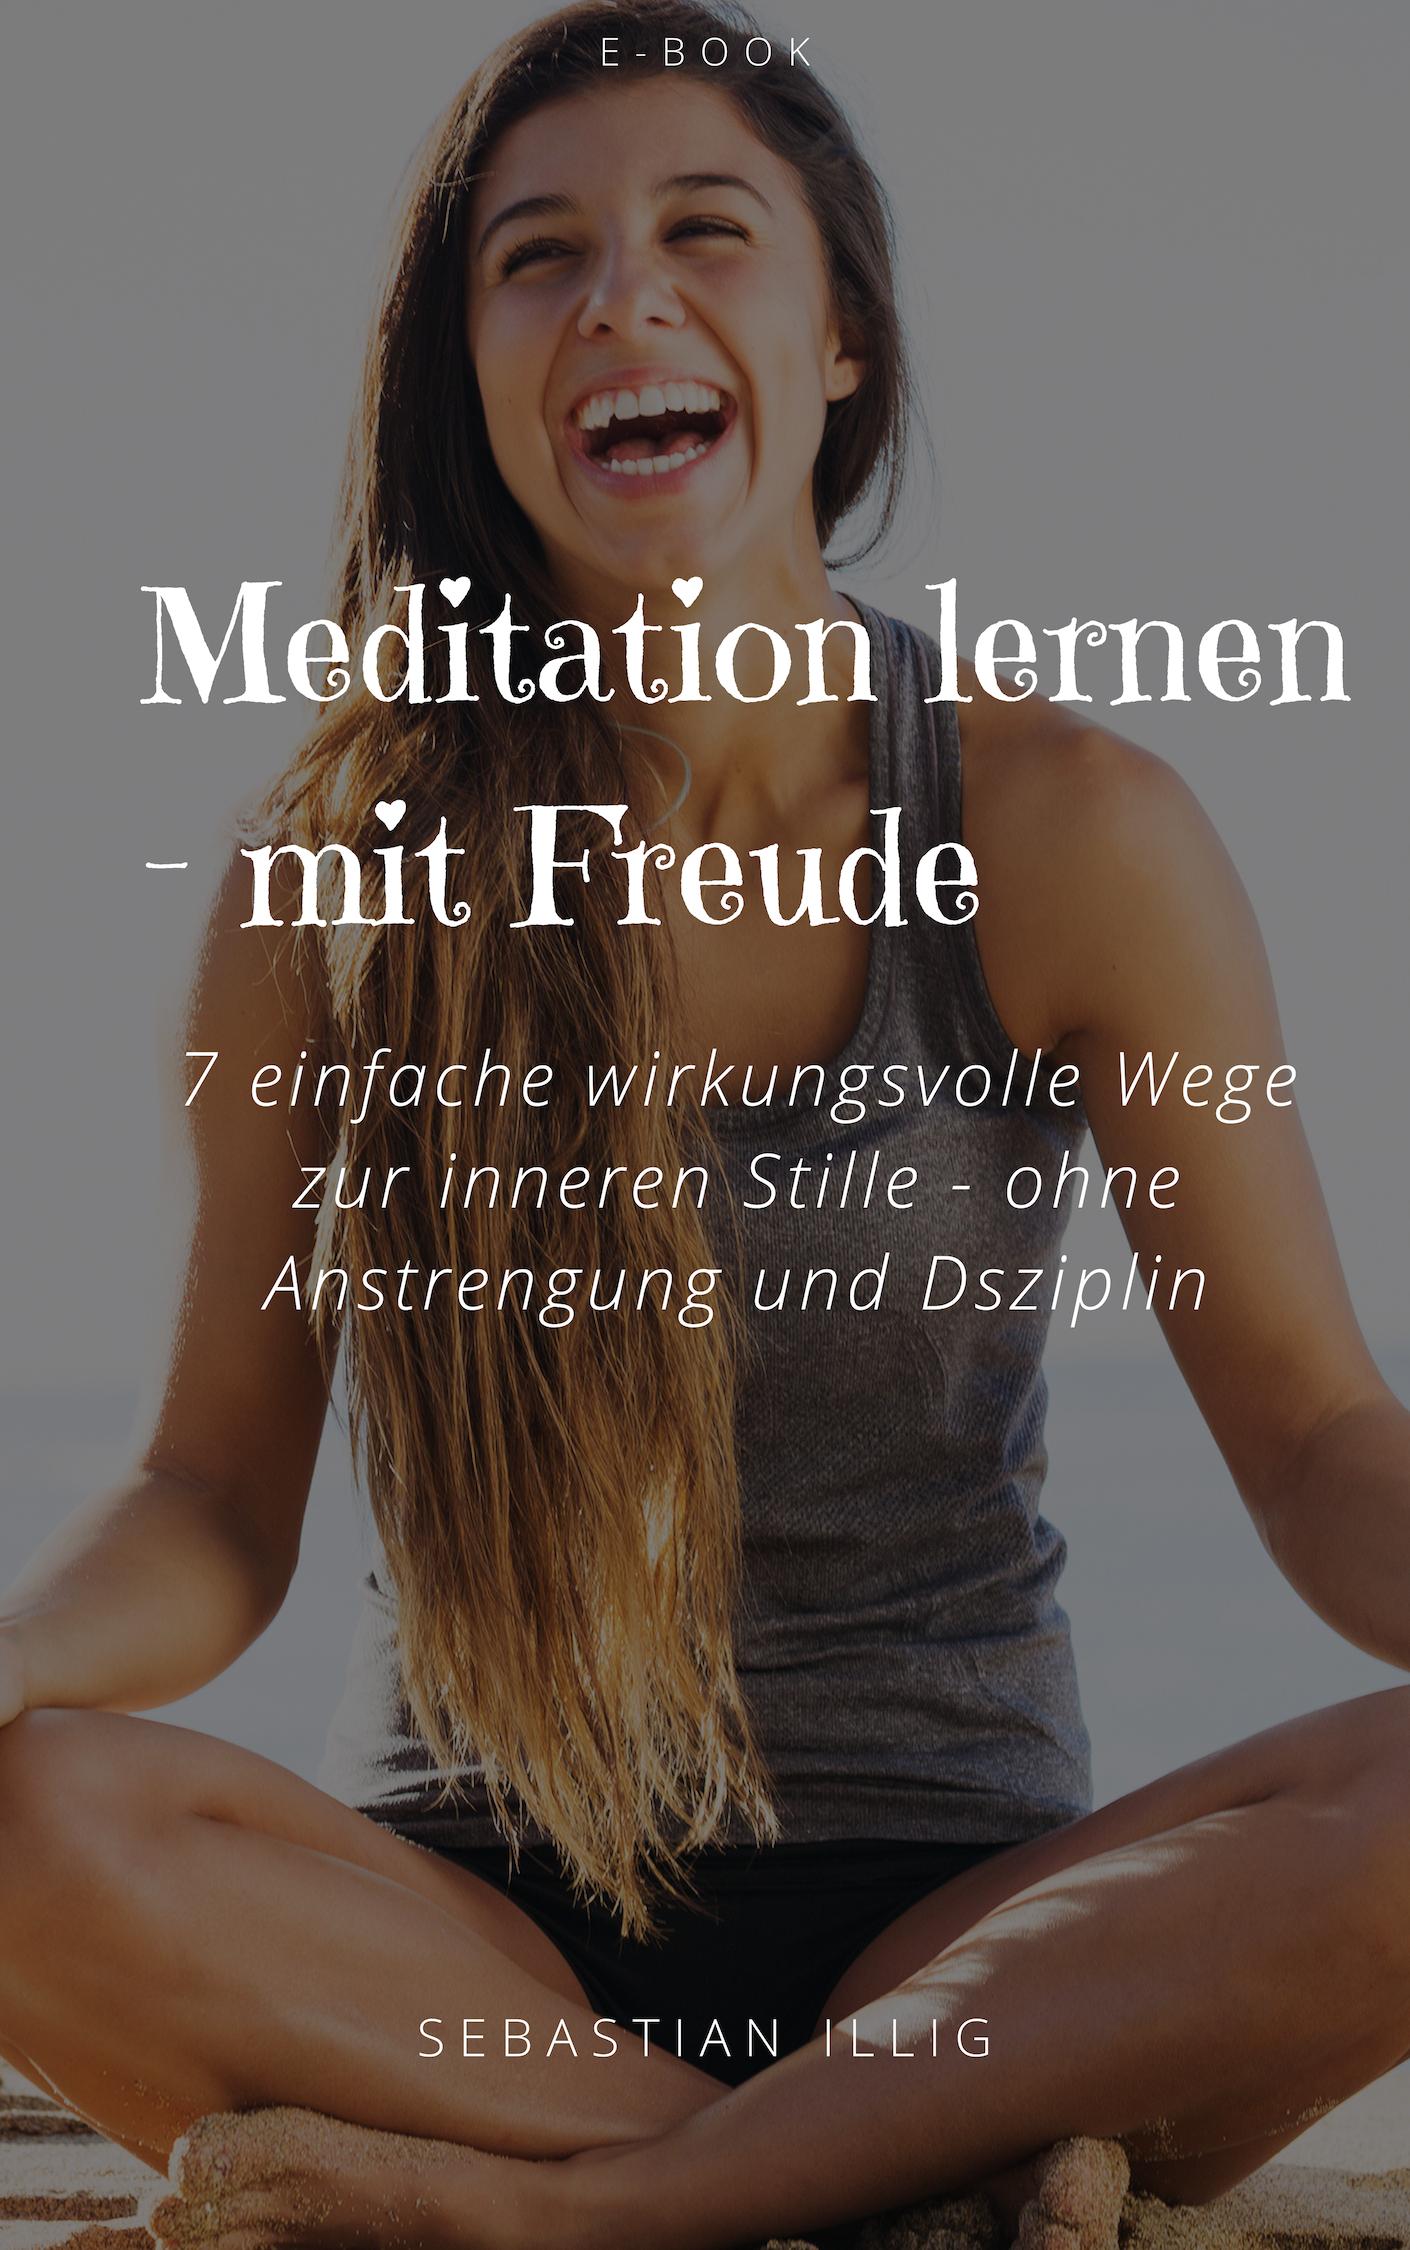 Mein E-Book: Meditation lernen mit Freude - 7 einfache wirkungsvolle Wege zur inneren Stille - ohne Anstrengung und Disziplin (steht im kostenlosen Kurs zum Download für dich bereit!)